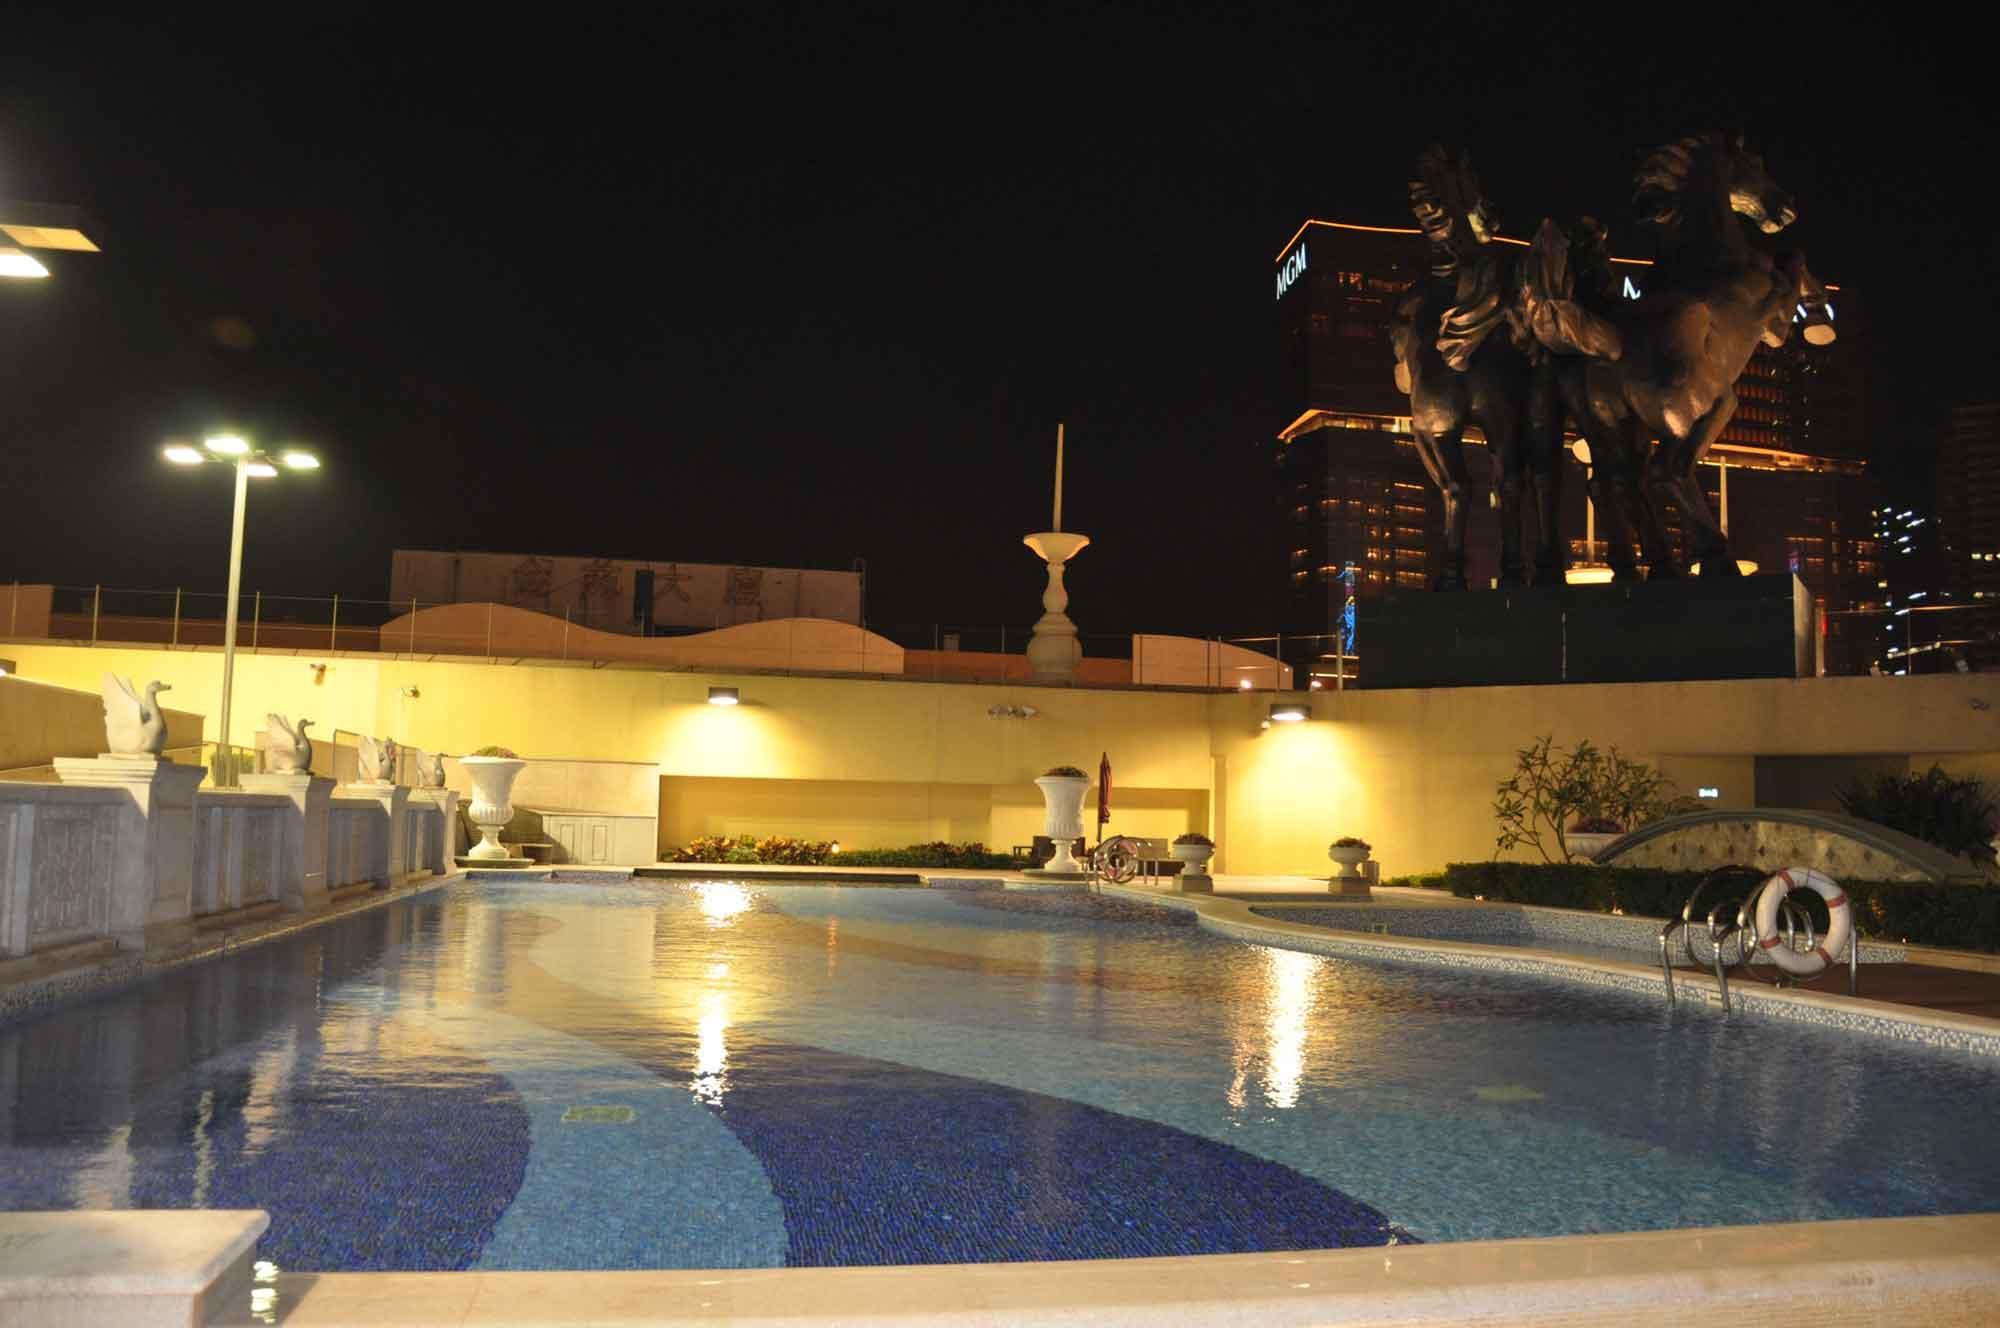 L'Arc Macau Hotel pool